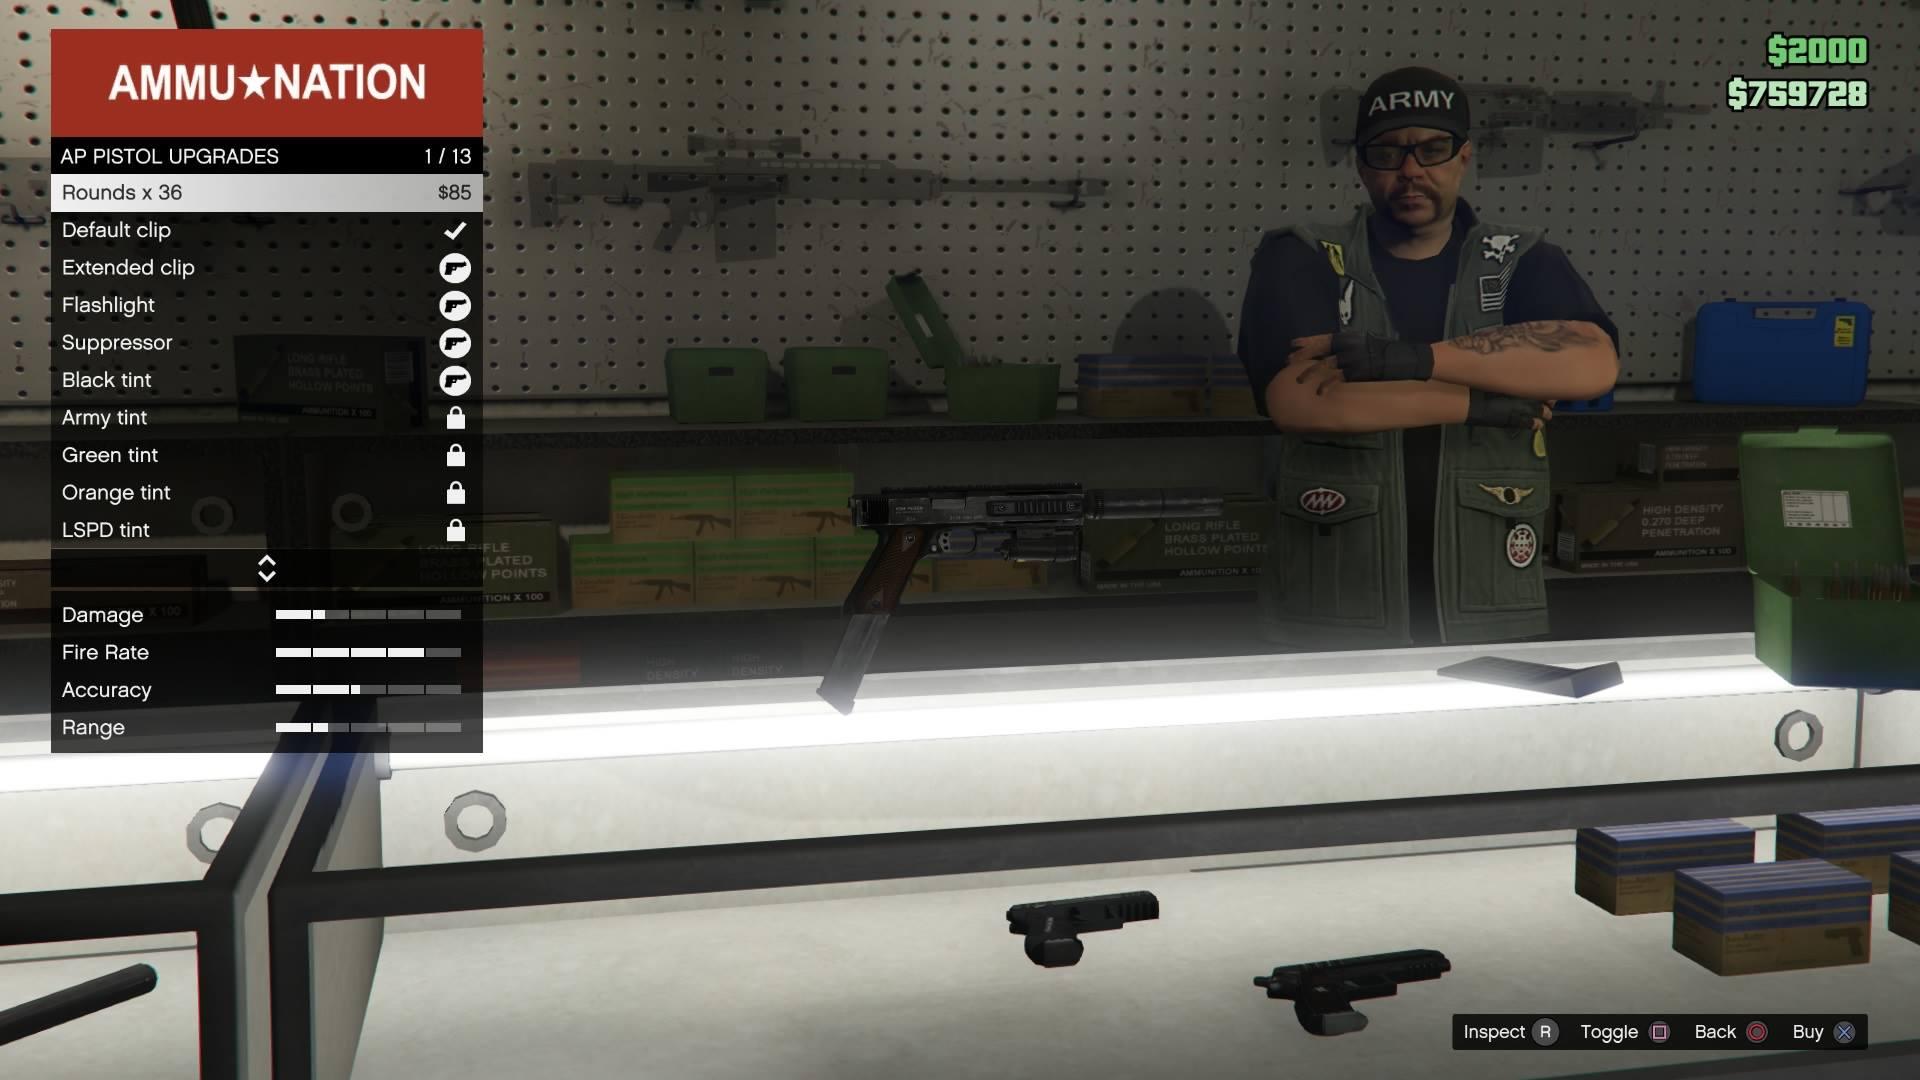 ap_pistol